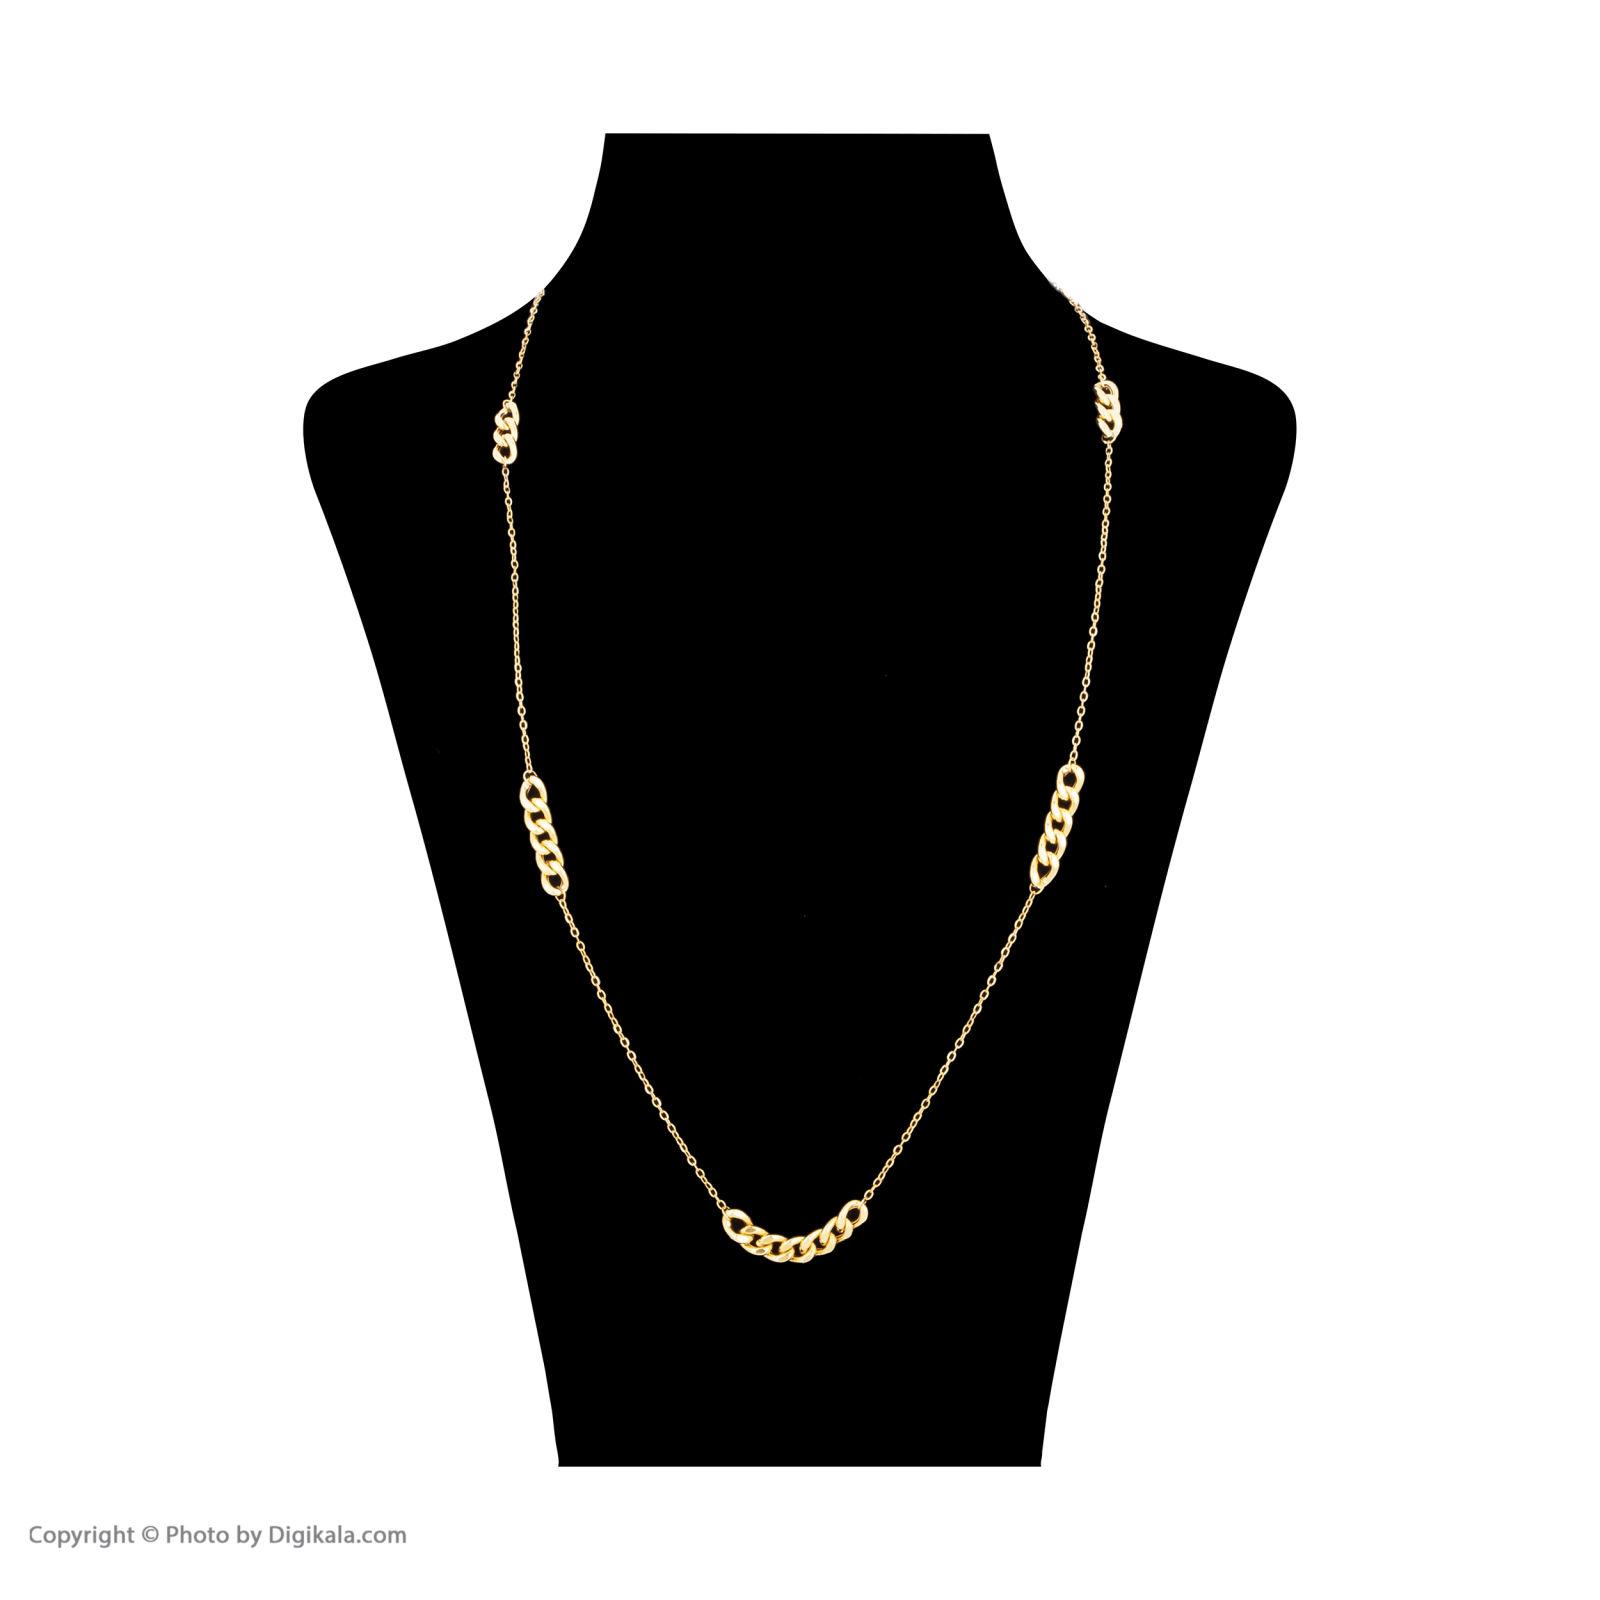 گردنبند طلا 18 عیار زنانه مایا ماهک مدل MM0994 -  - 1